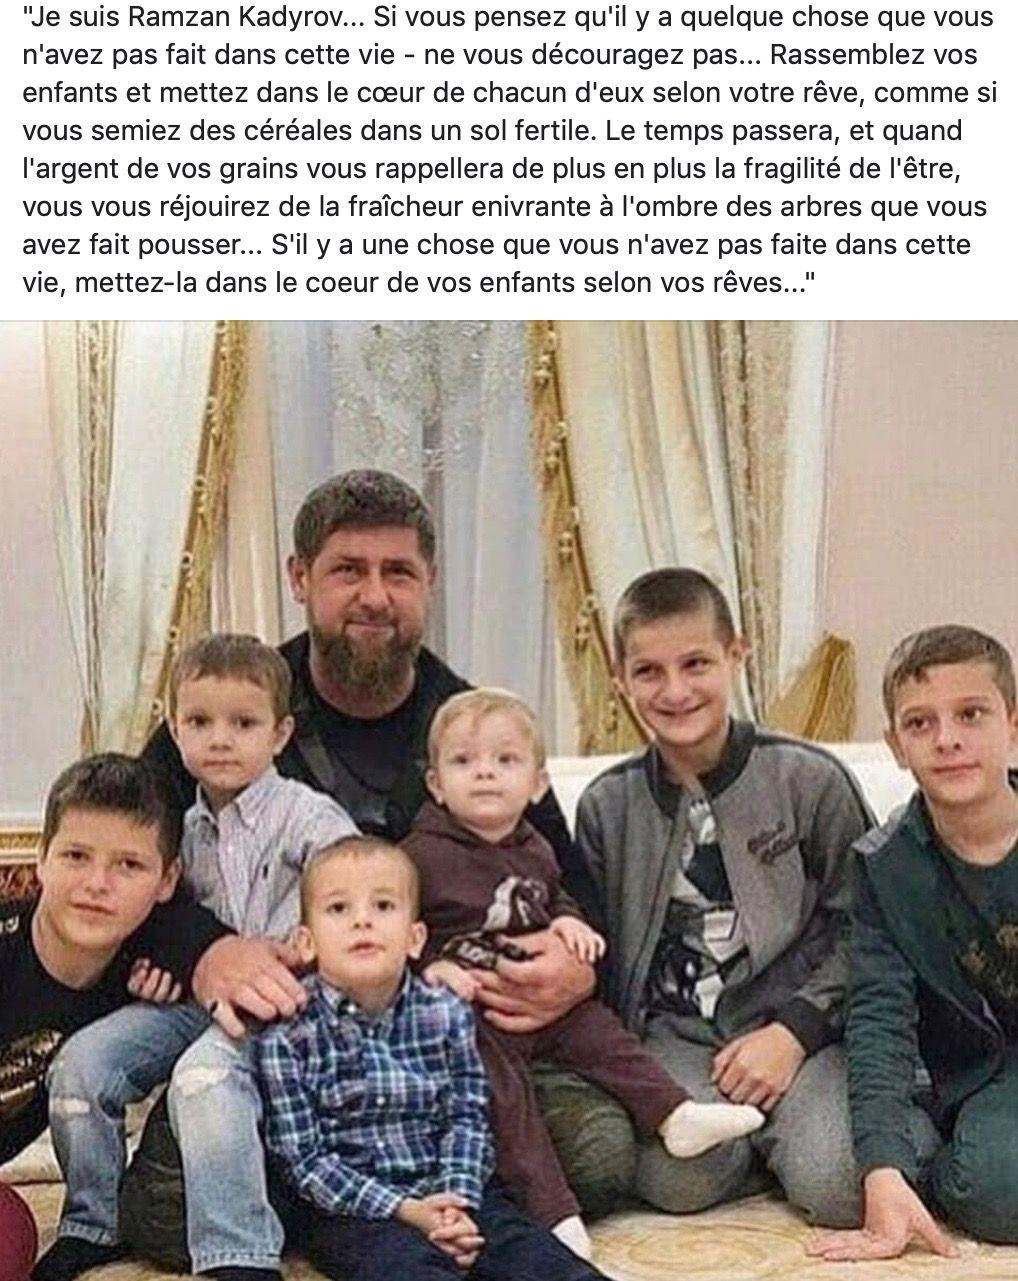 Ramzan Kadyrov est le chef de la république de Tchétchénie. Son père, Akhmad Kadyrov, était un ancien grand mufti et homme politique, président de la république de Tchétchénie de 2003 à 2004. Né en 1976, il est père de 12 enfants.